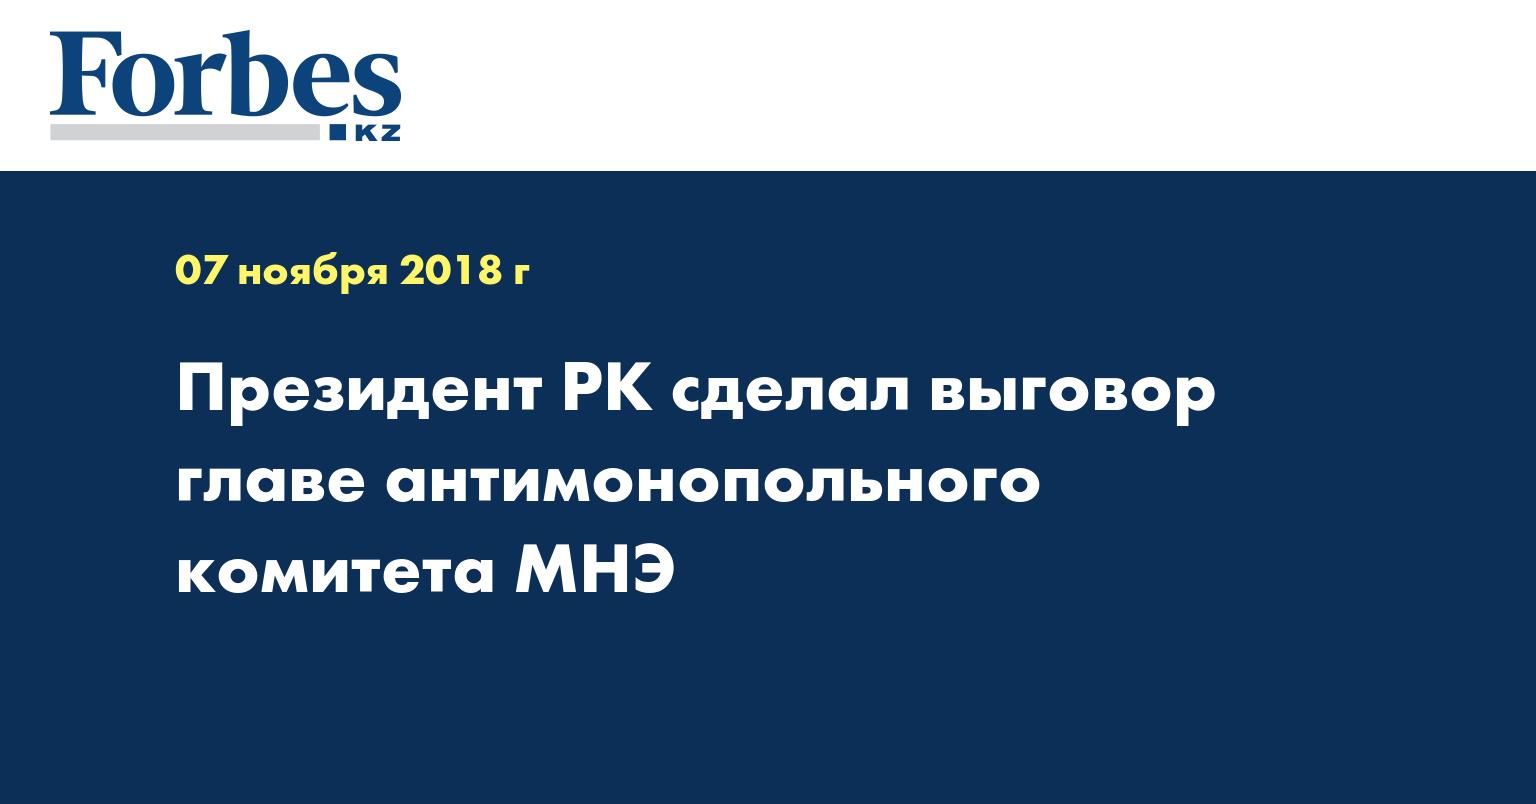 Президент РК сделал выговор главе антимонопольного комитета МНЭ